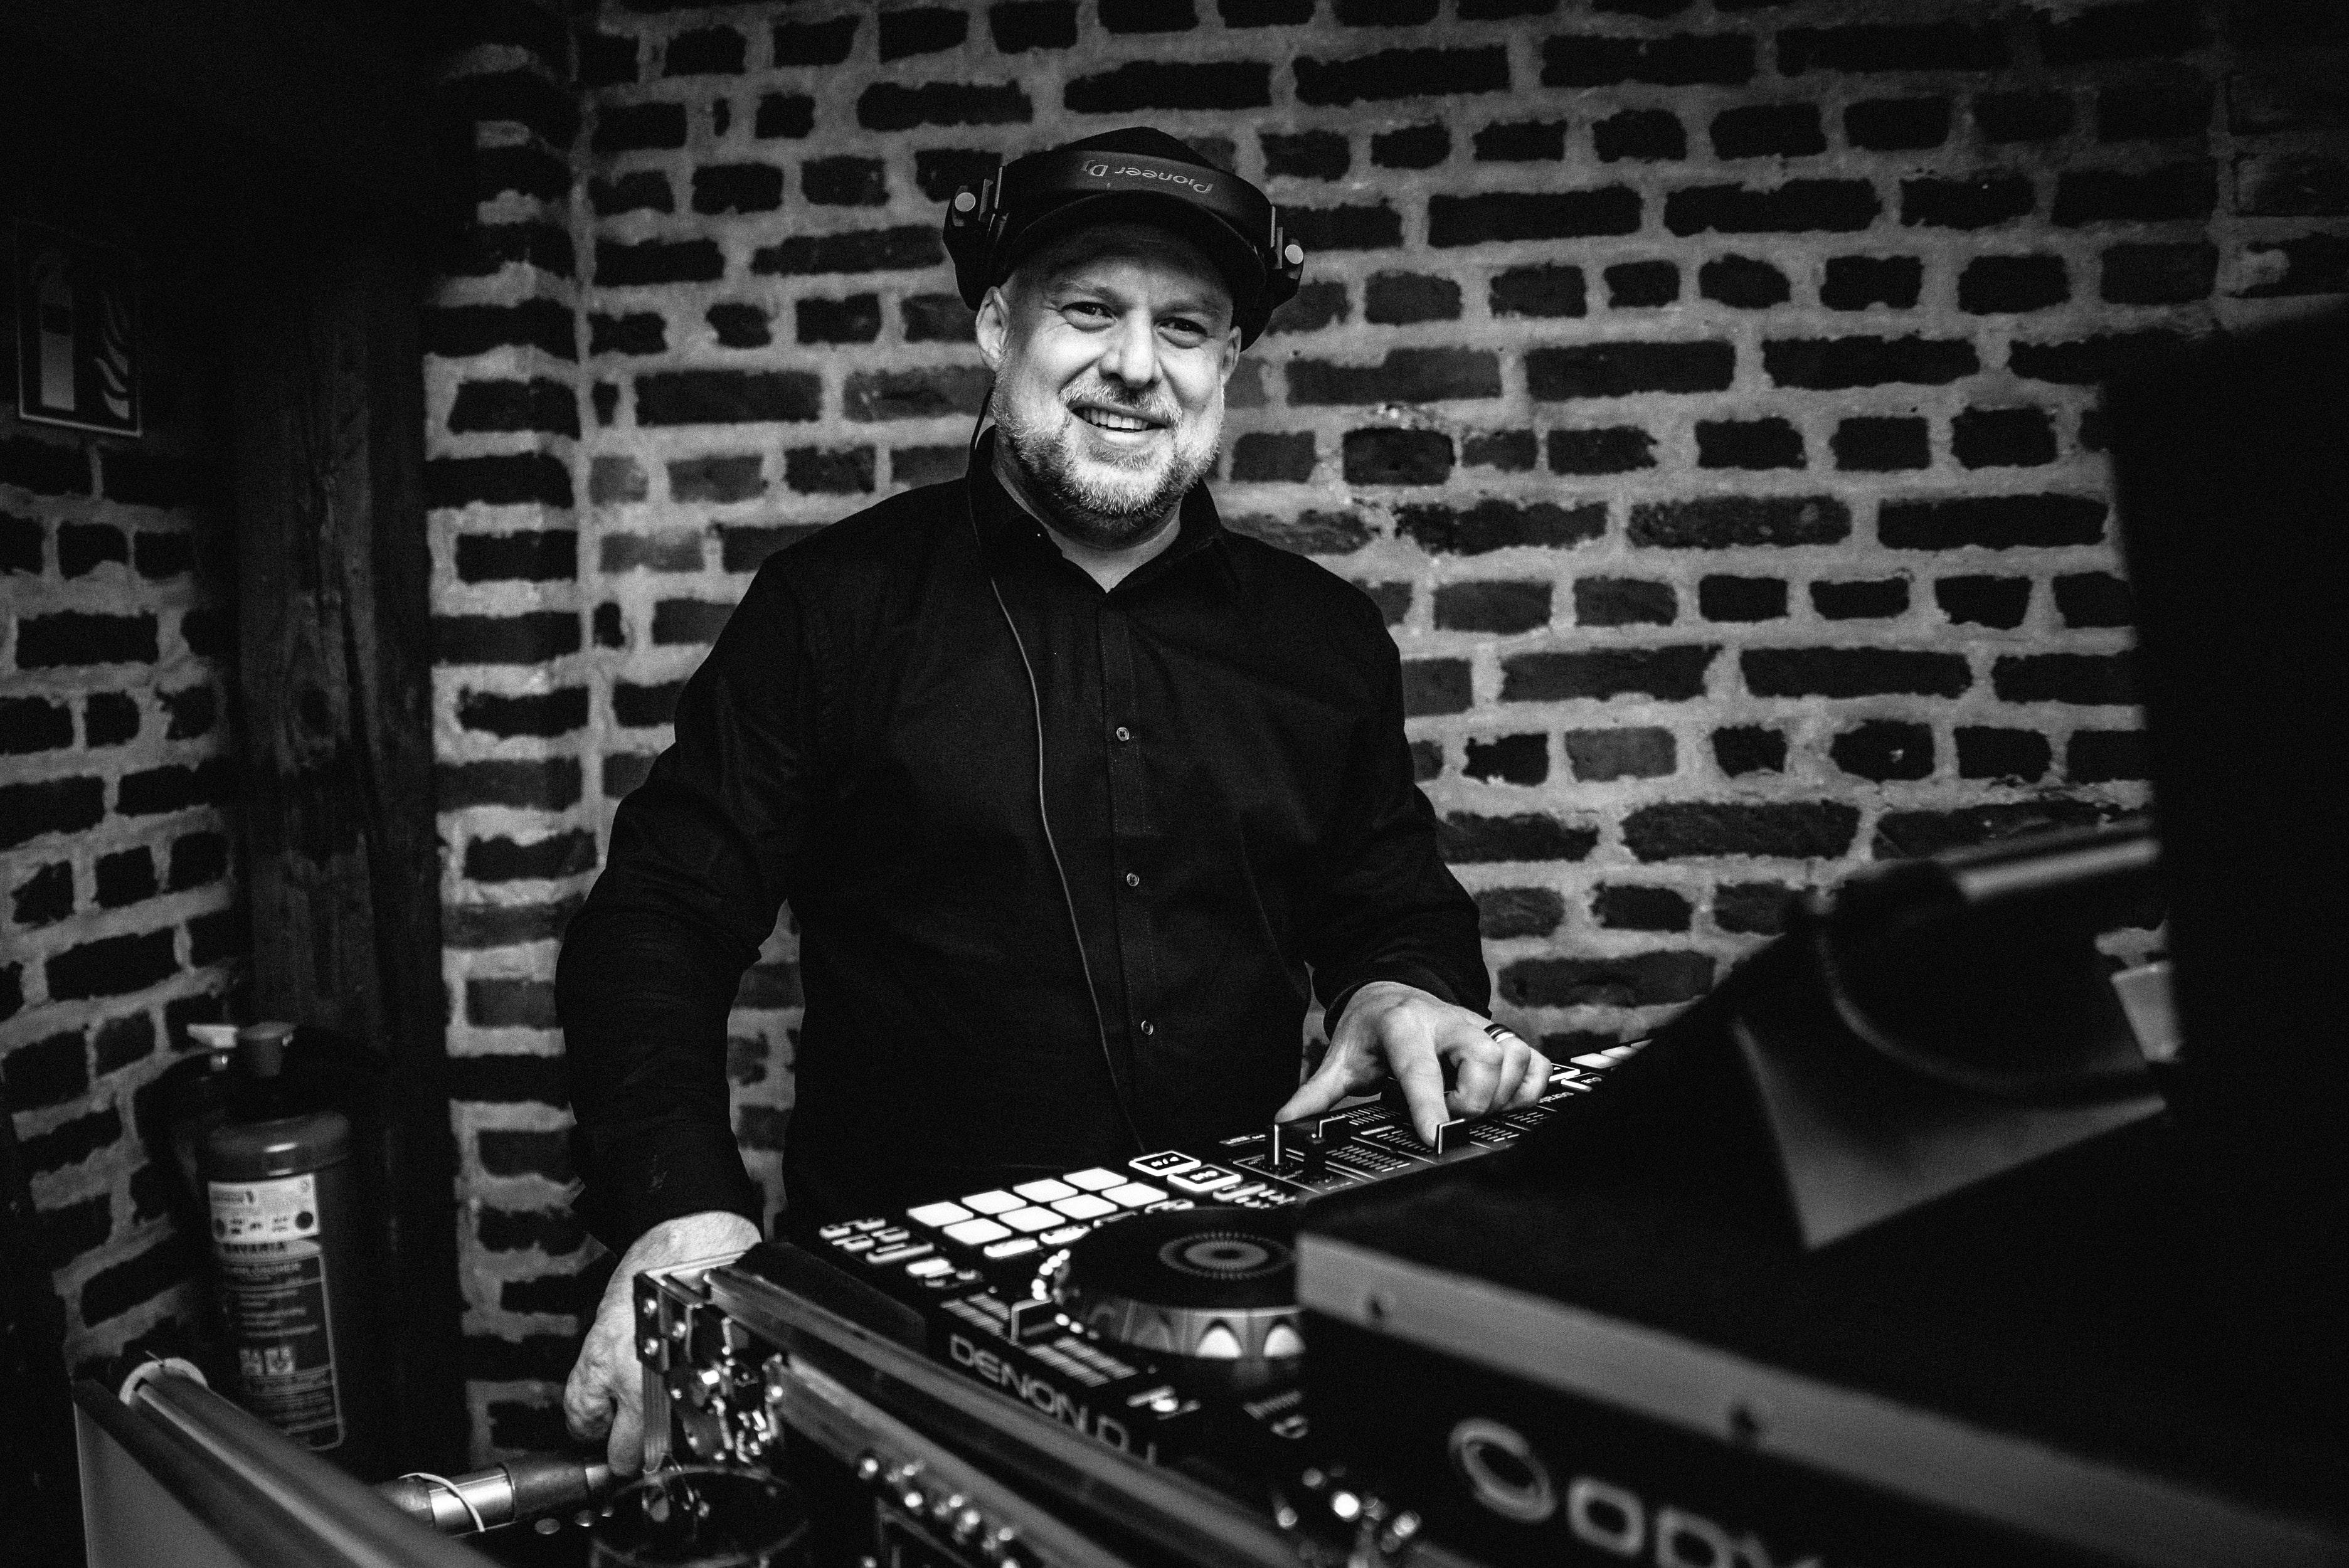 DJ Rene Frankenfeld 07 – gesehen bei frauimmer-herrewig.de